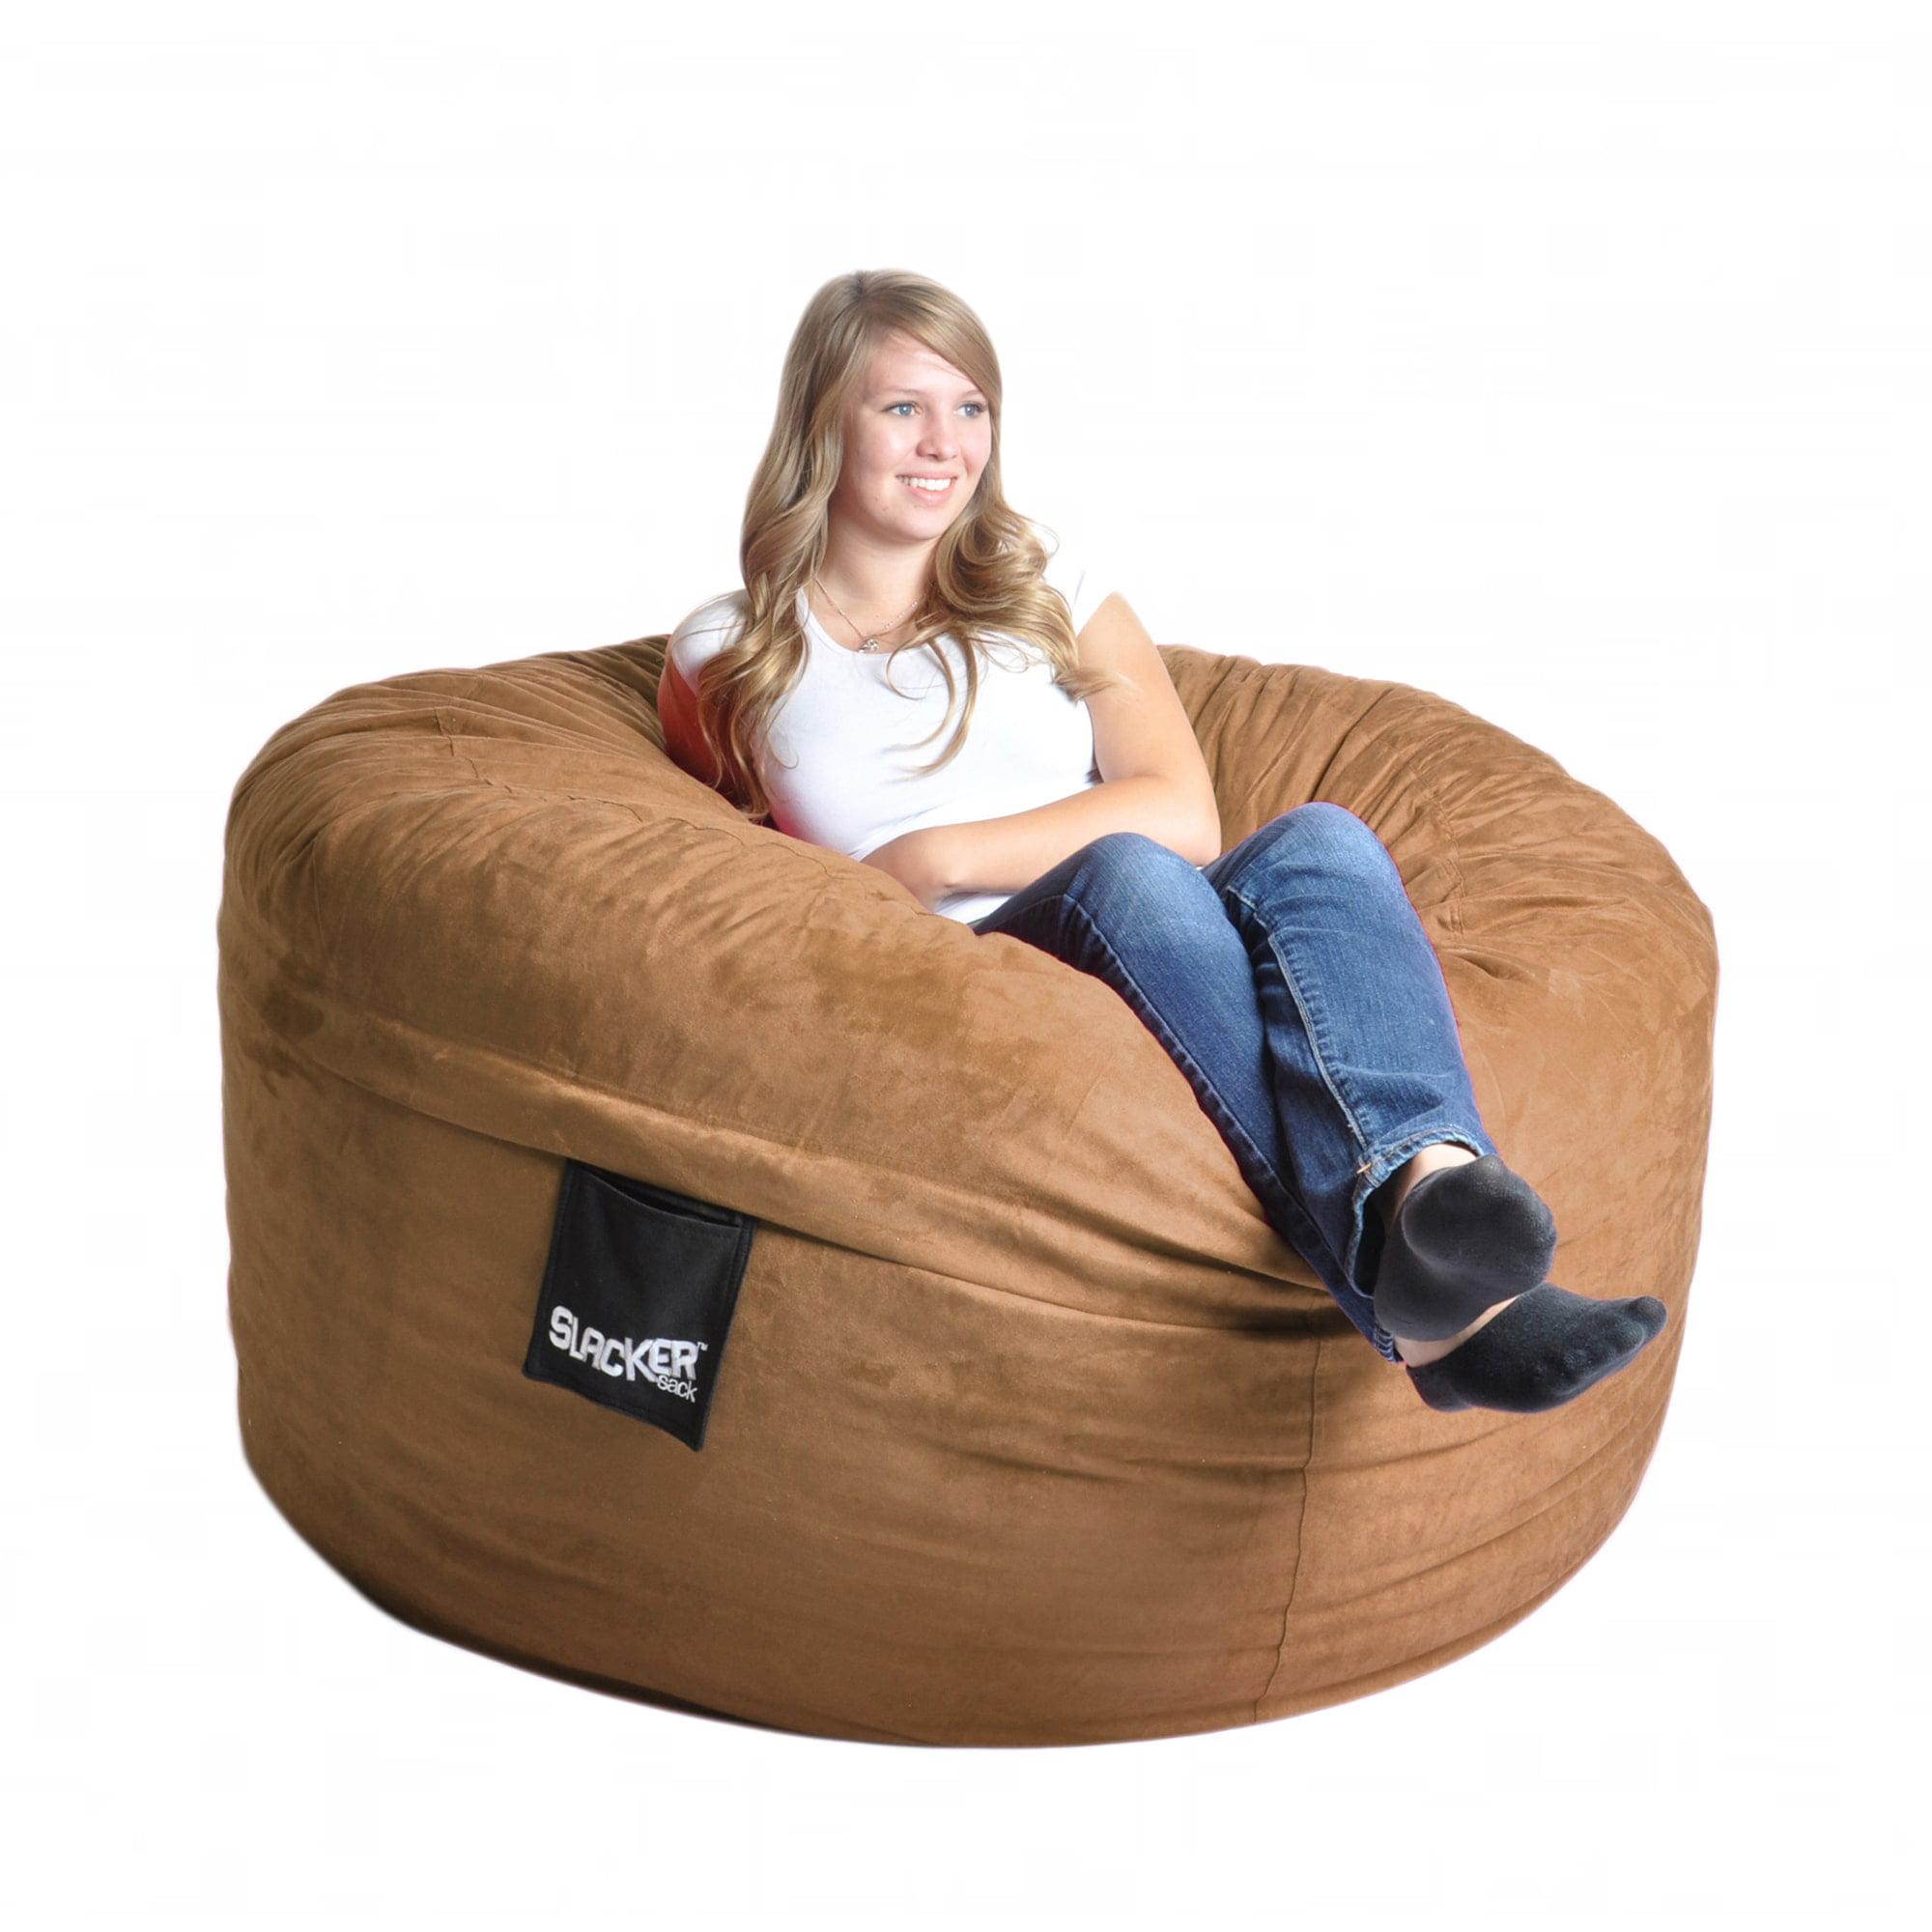 Slacker Sack Earth Brown Microfiber and Foam 5-foot Bean Bag